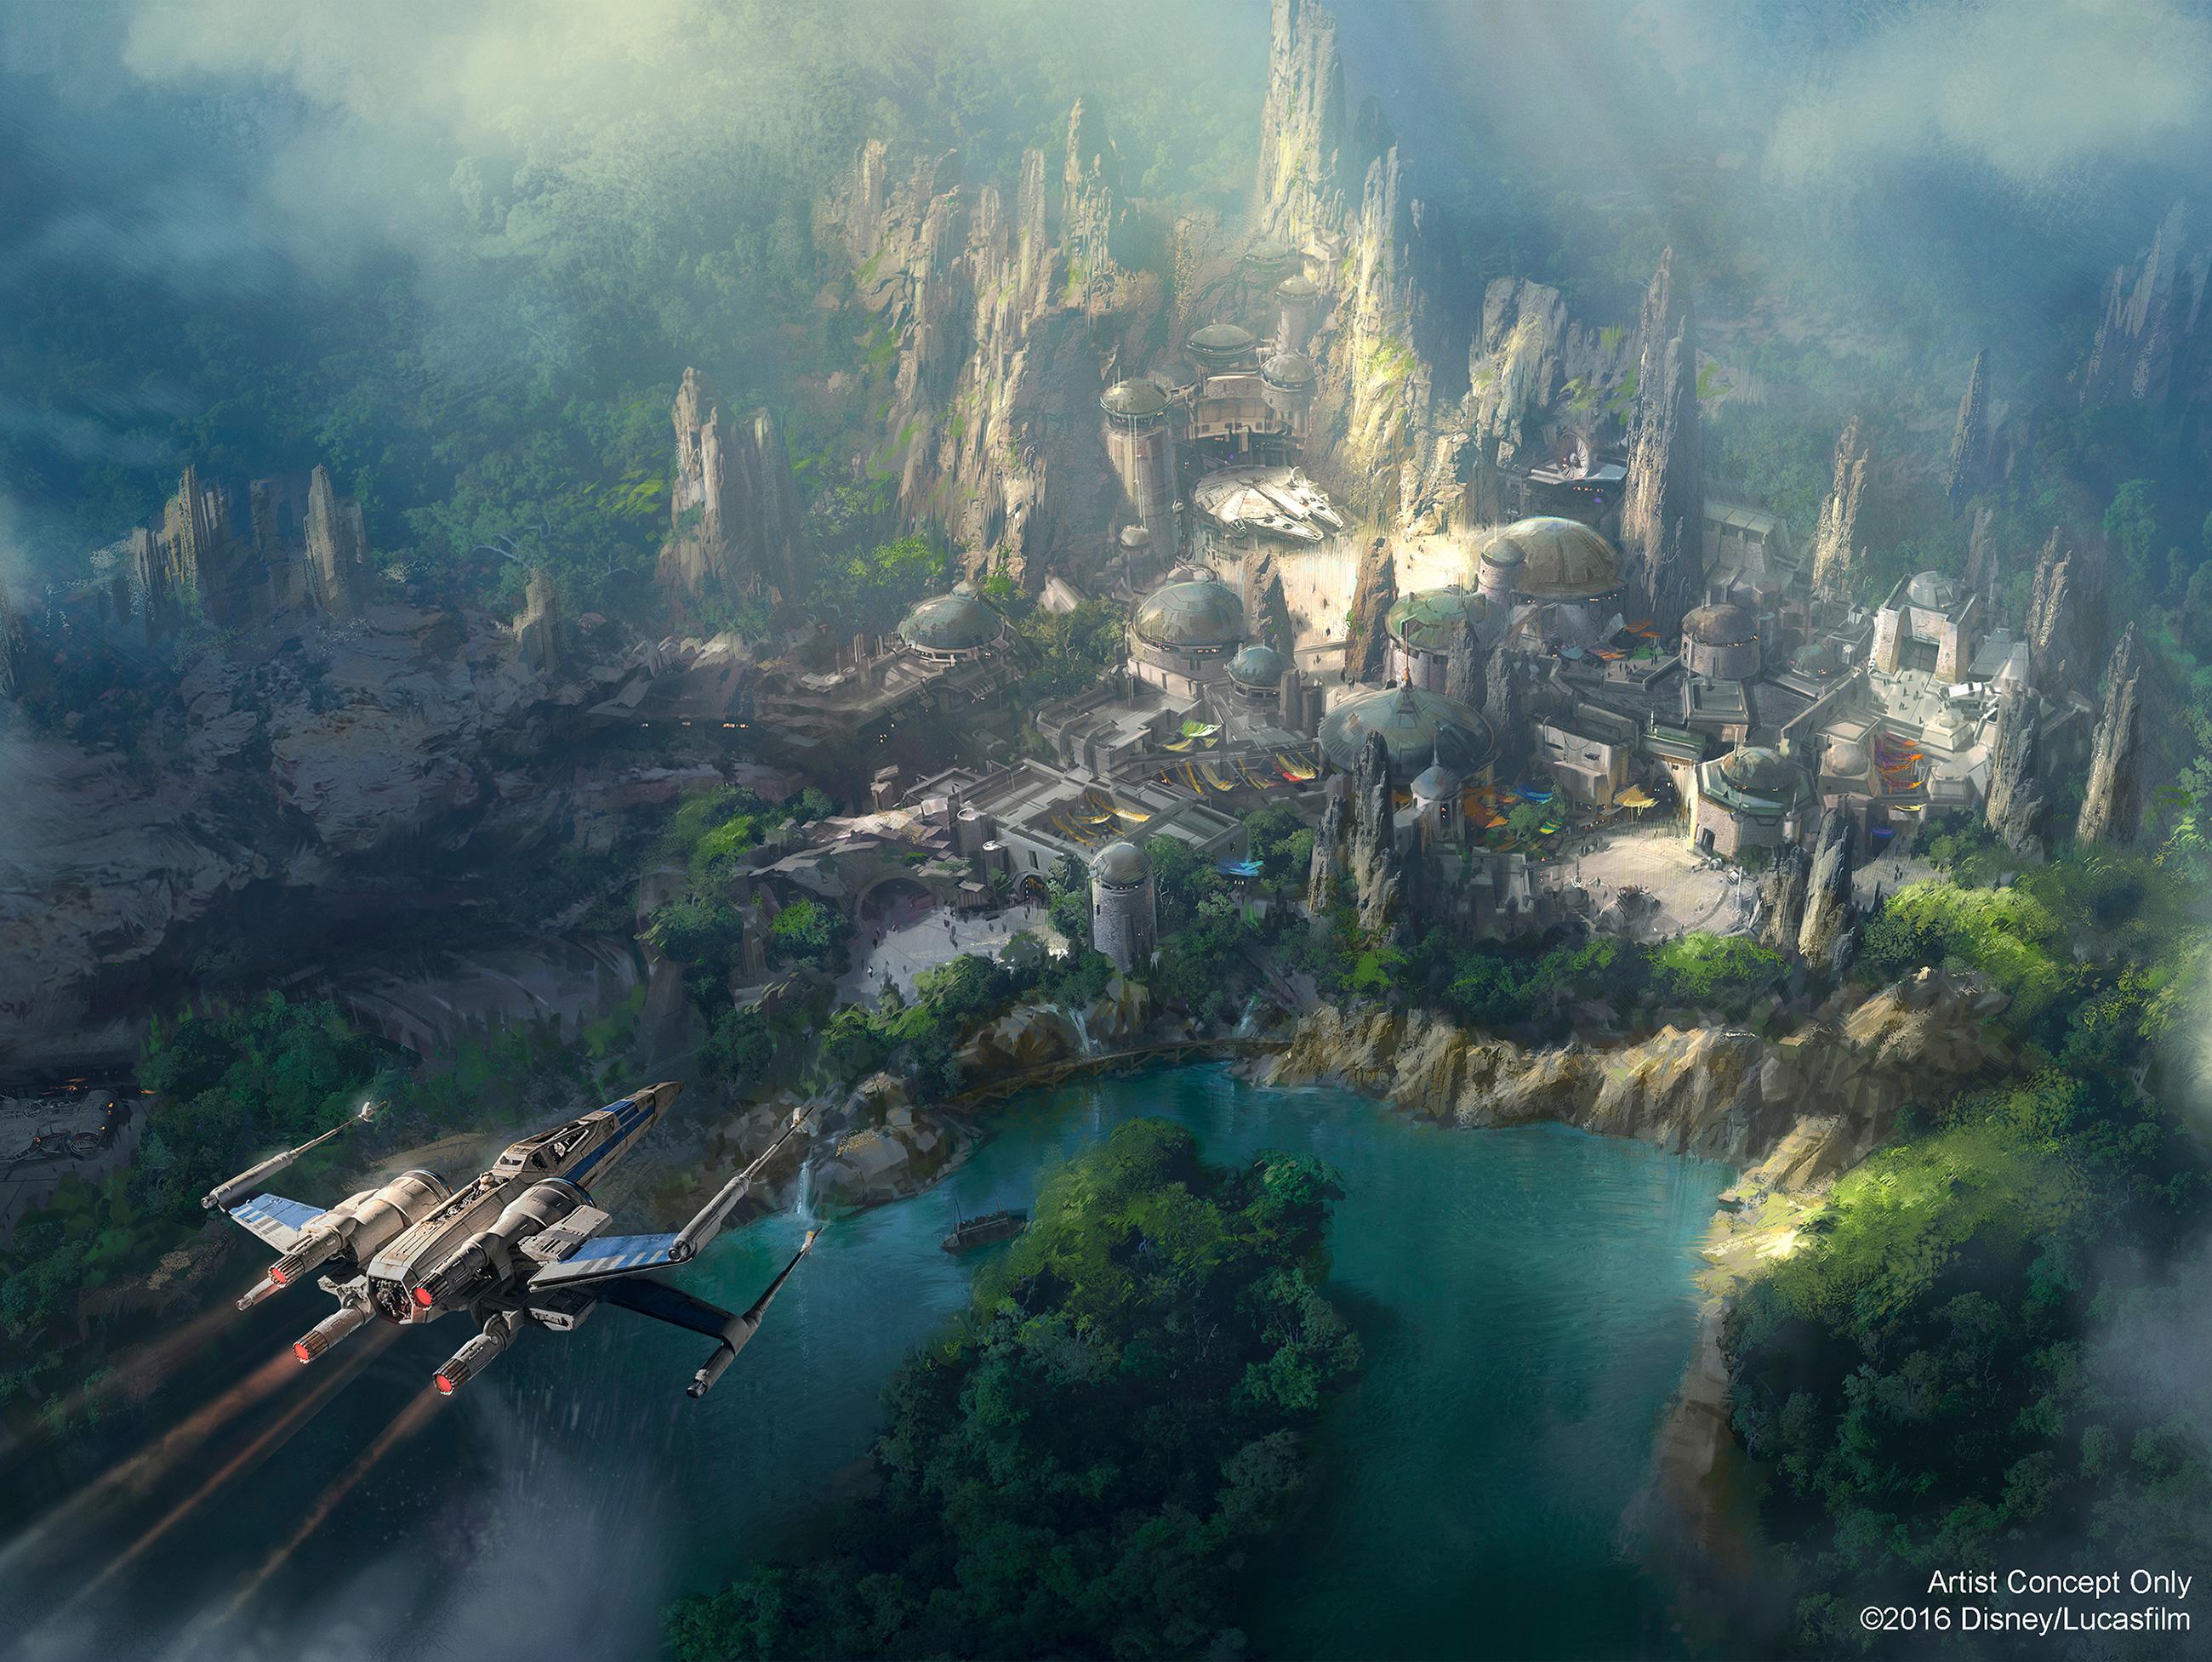 Nova imagem conceitual da Star Wars Land no Disneyland Park